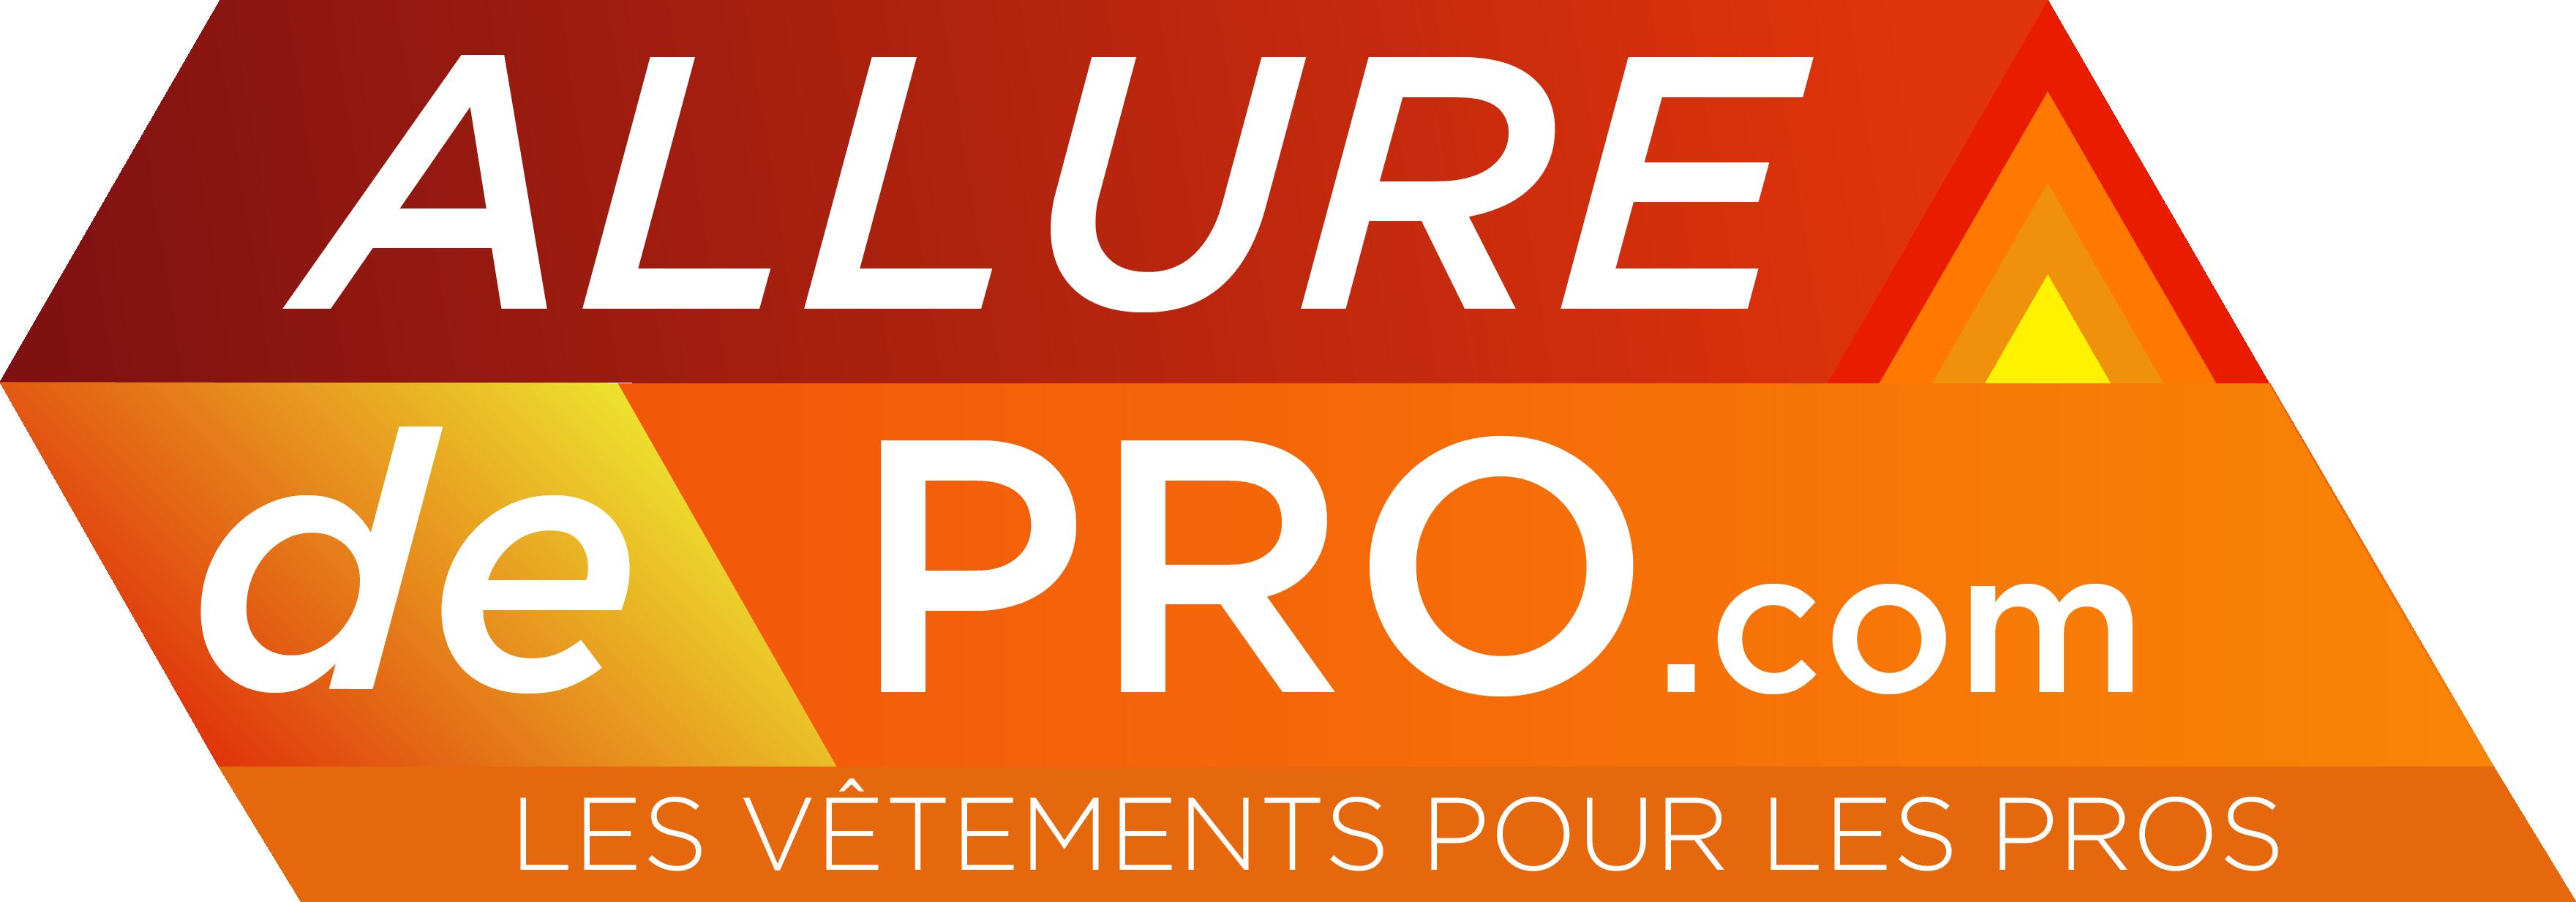 Logo Allure de Pro réalisé par La Quincaillerie